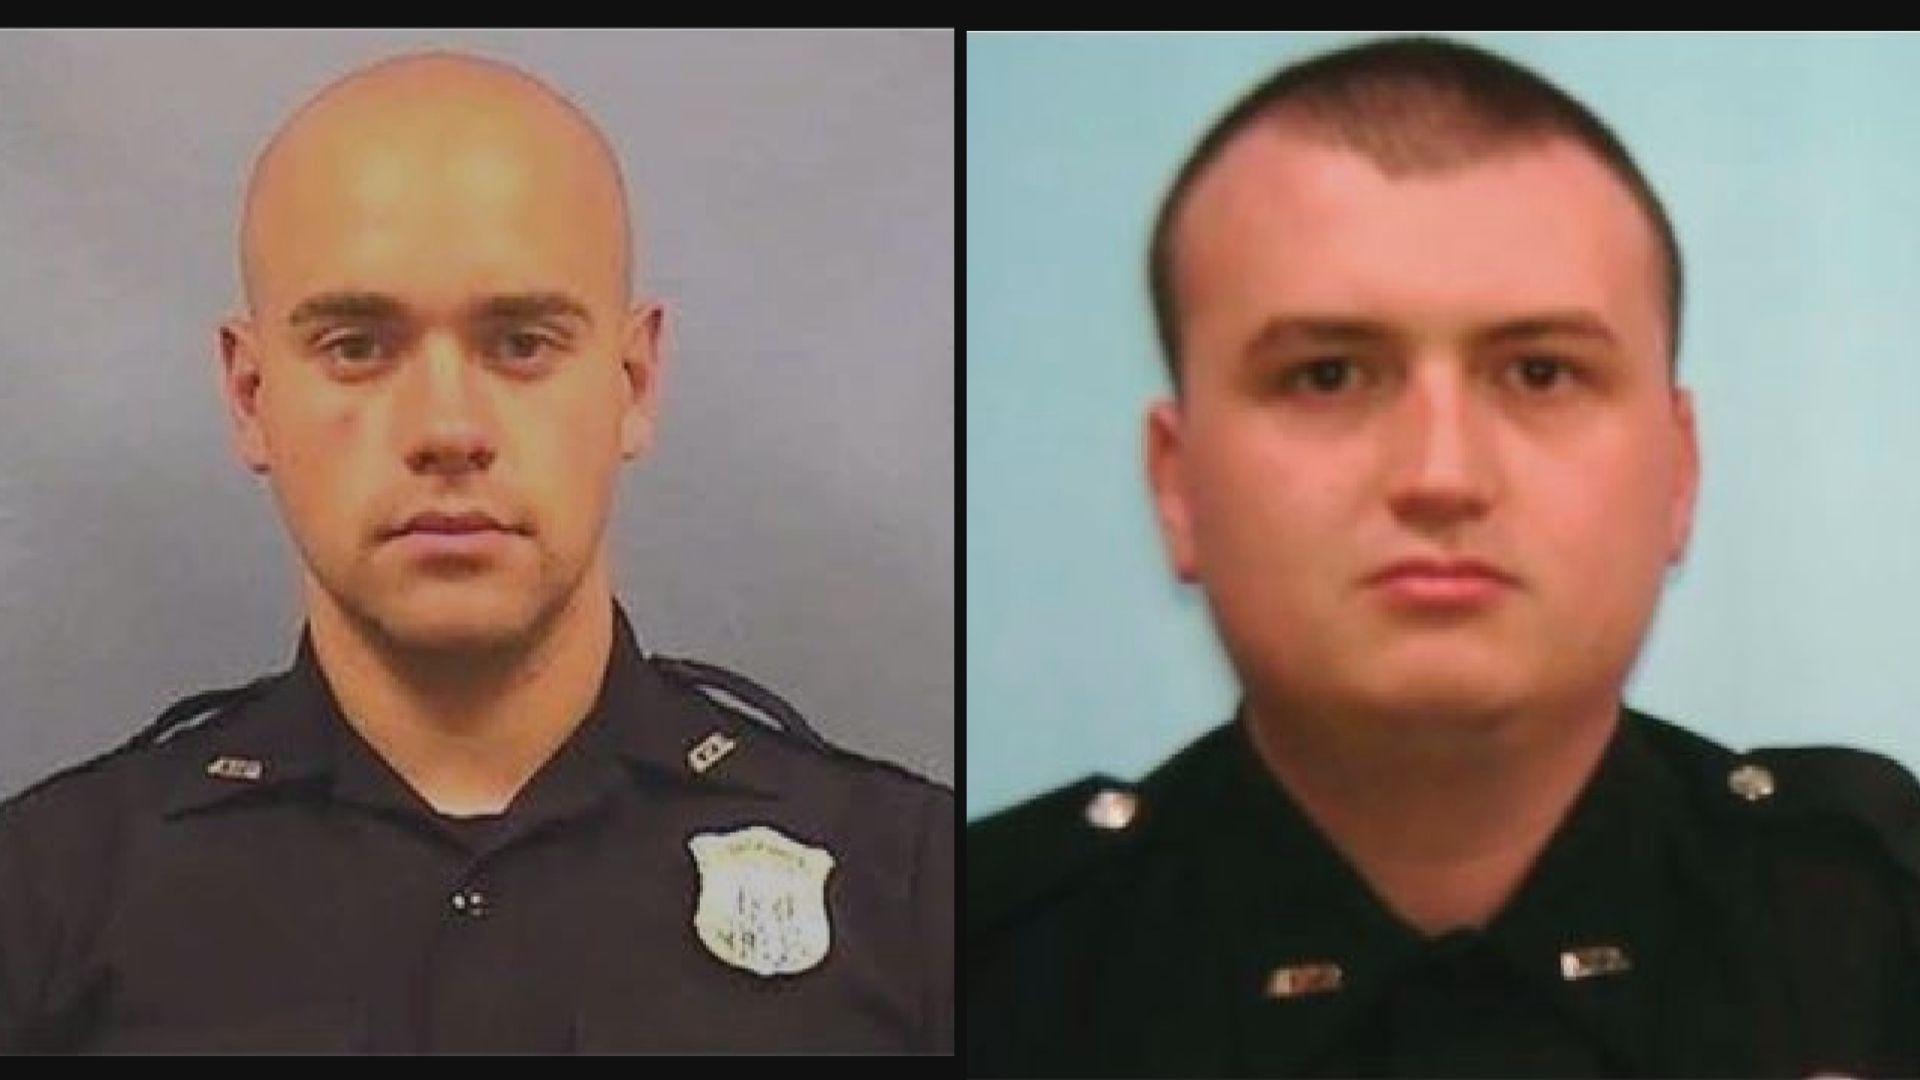 亞特蘭大黑人男子遭警開槍擊斃案 兩涉事警員被起訴